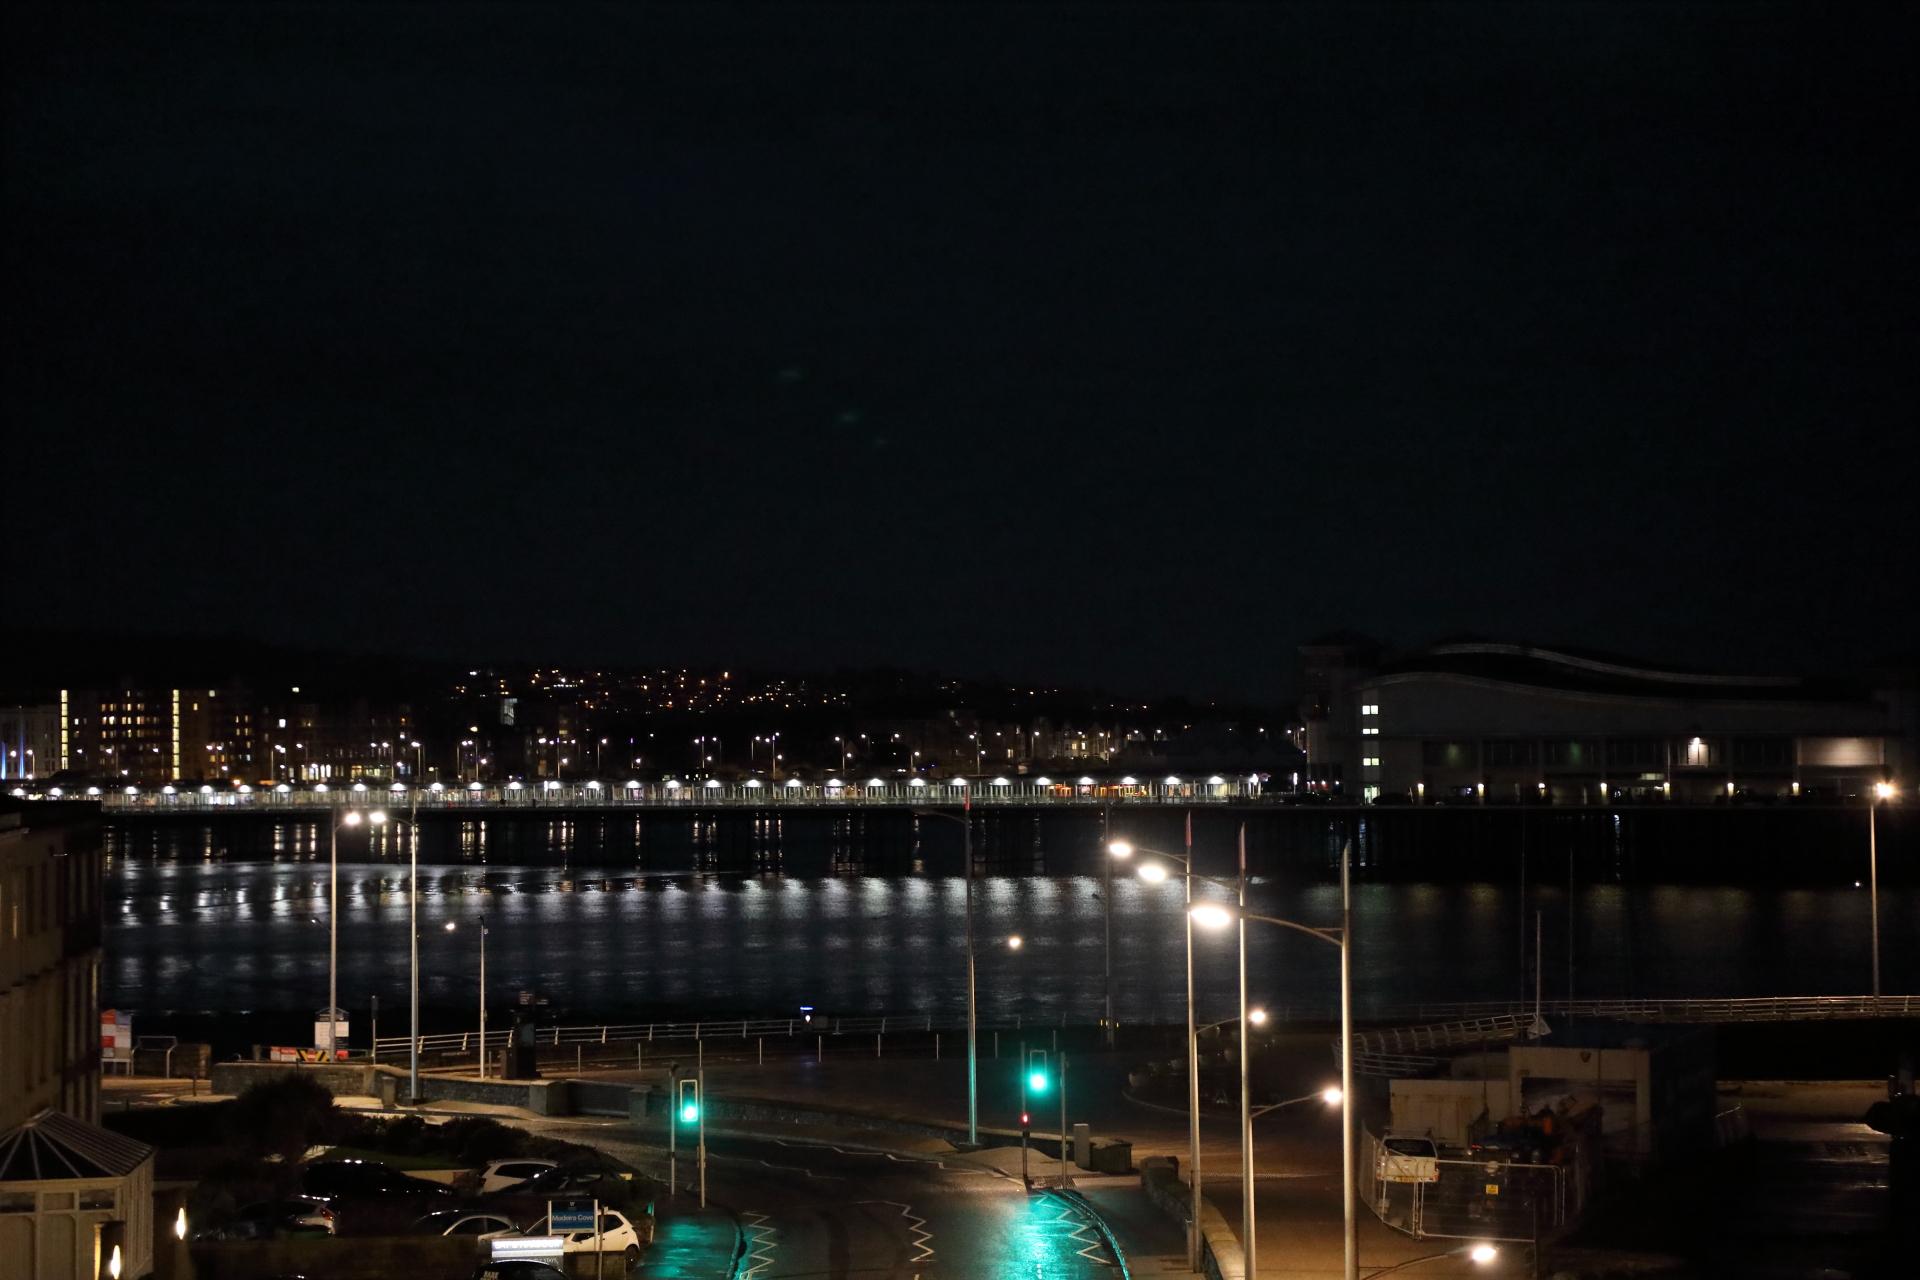 Weston - Night Time